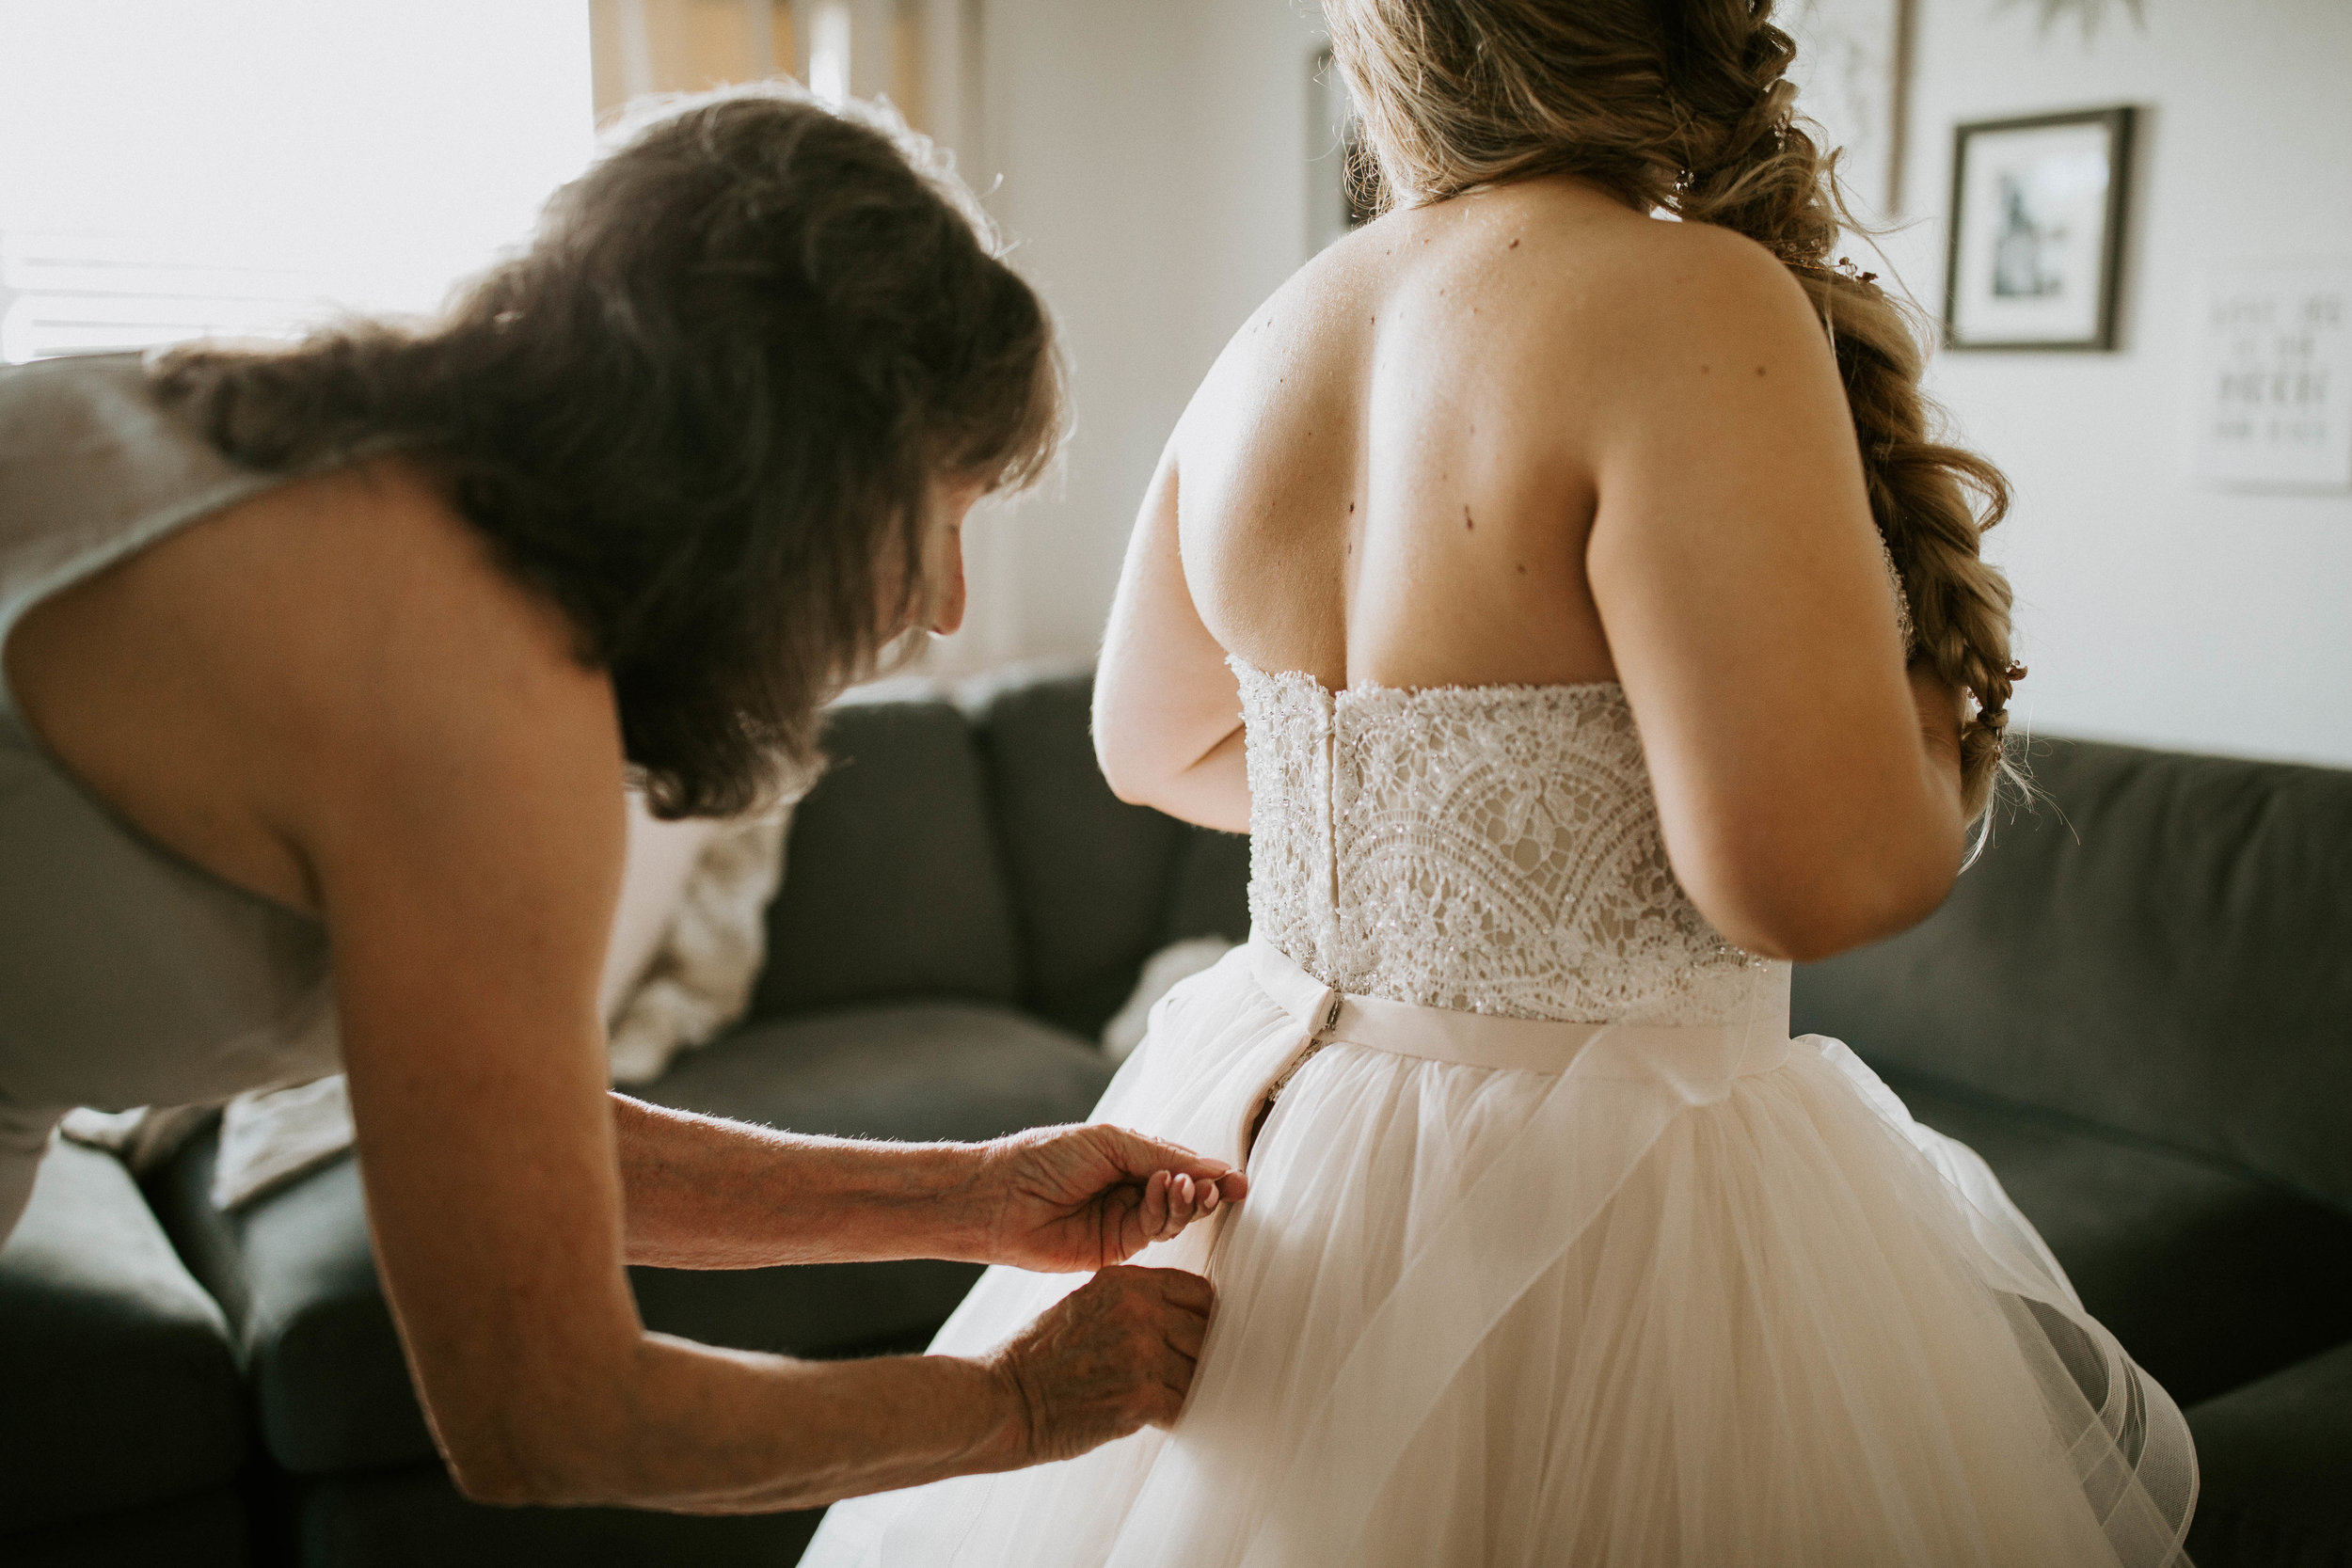 Kelsee&Yudith'sbackyardintimatewedding(34of646).jpg